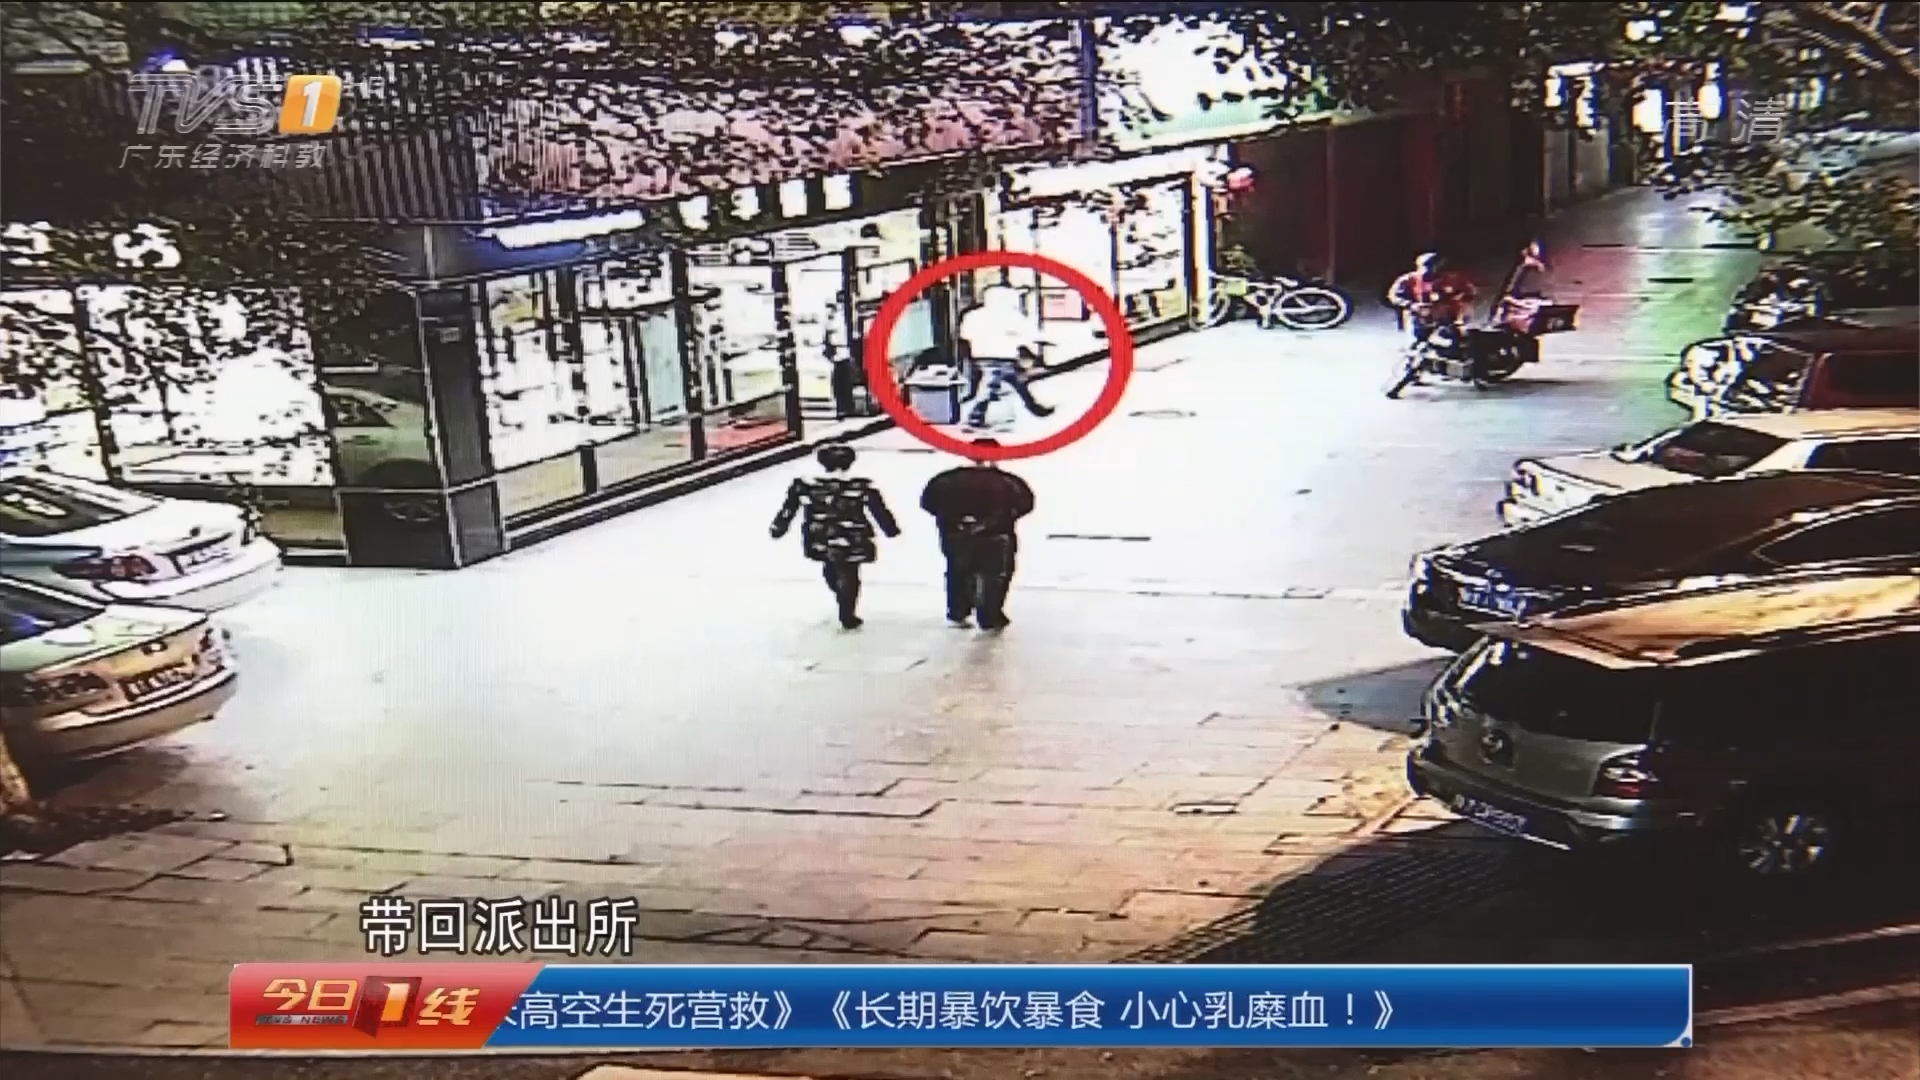 佛山:面包店内 一男子持刀抢劫落网